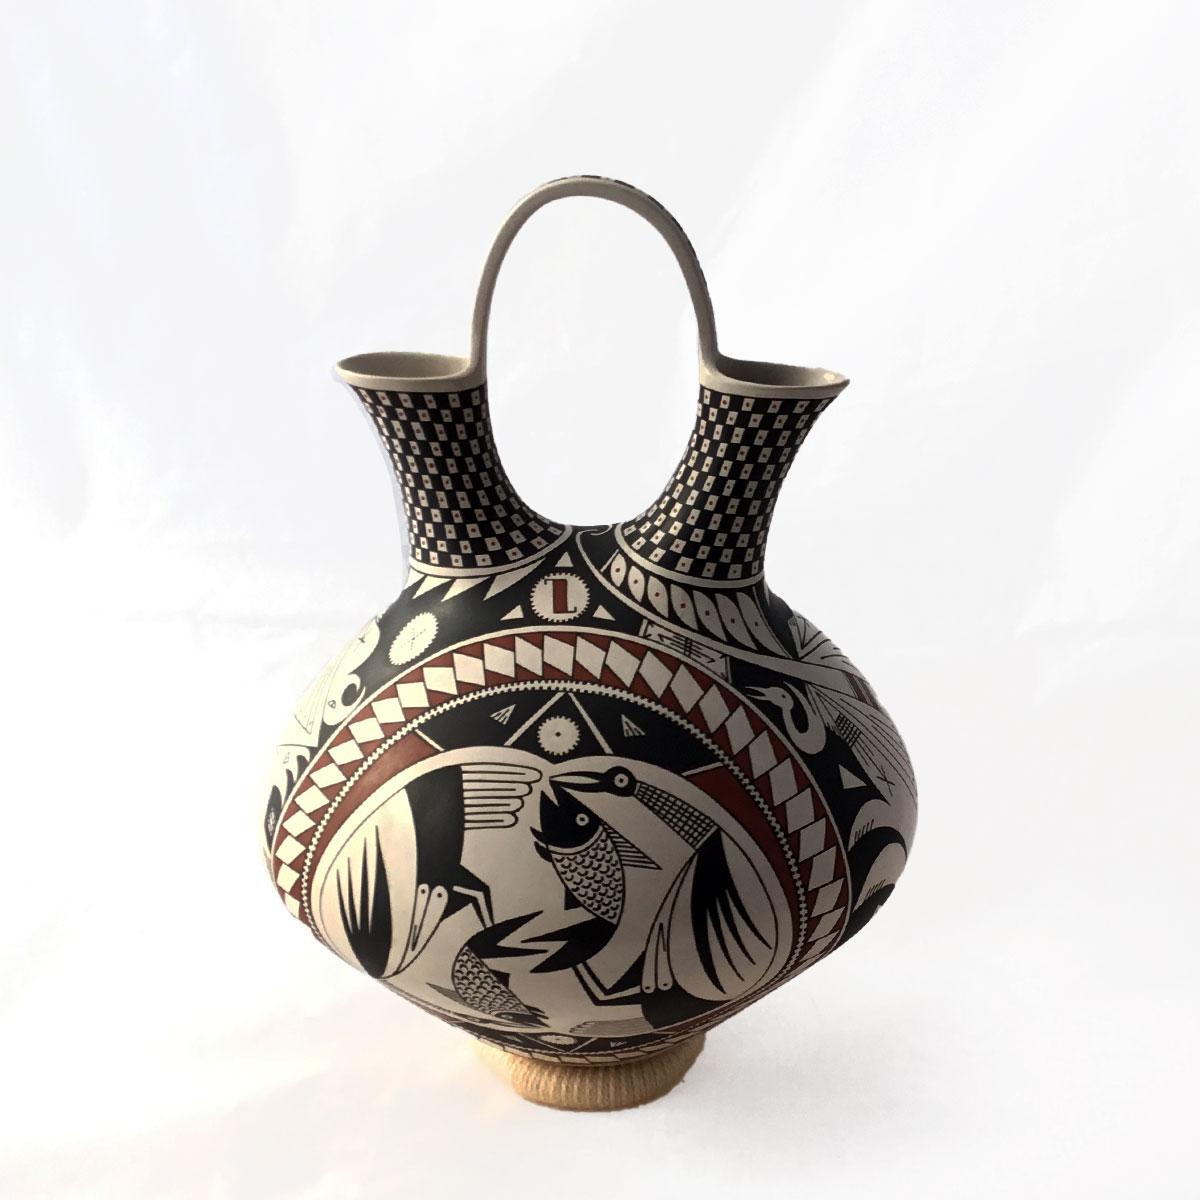 Guadalupe Gallegos Guadalupe Gallegos: Rare Wedding Vase Guadalupe Gallegos